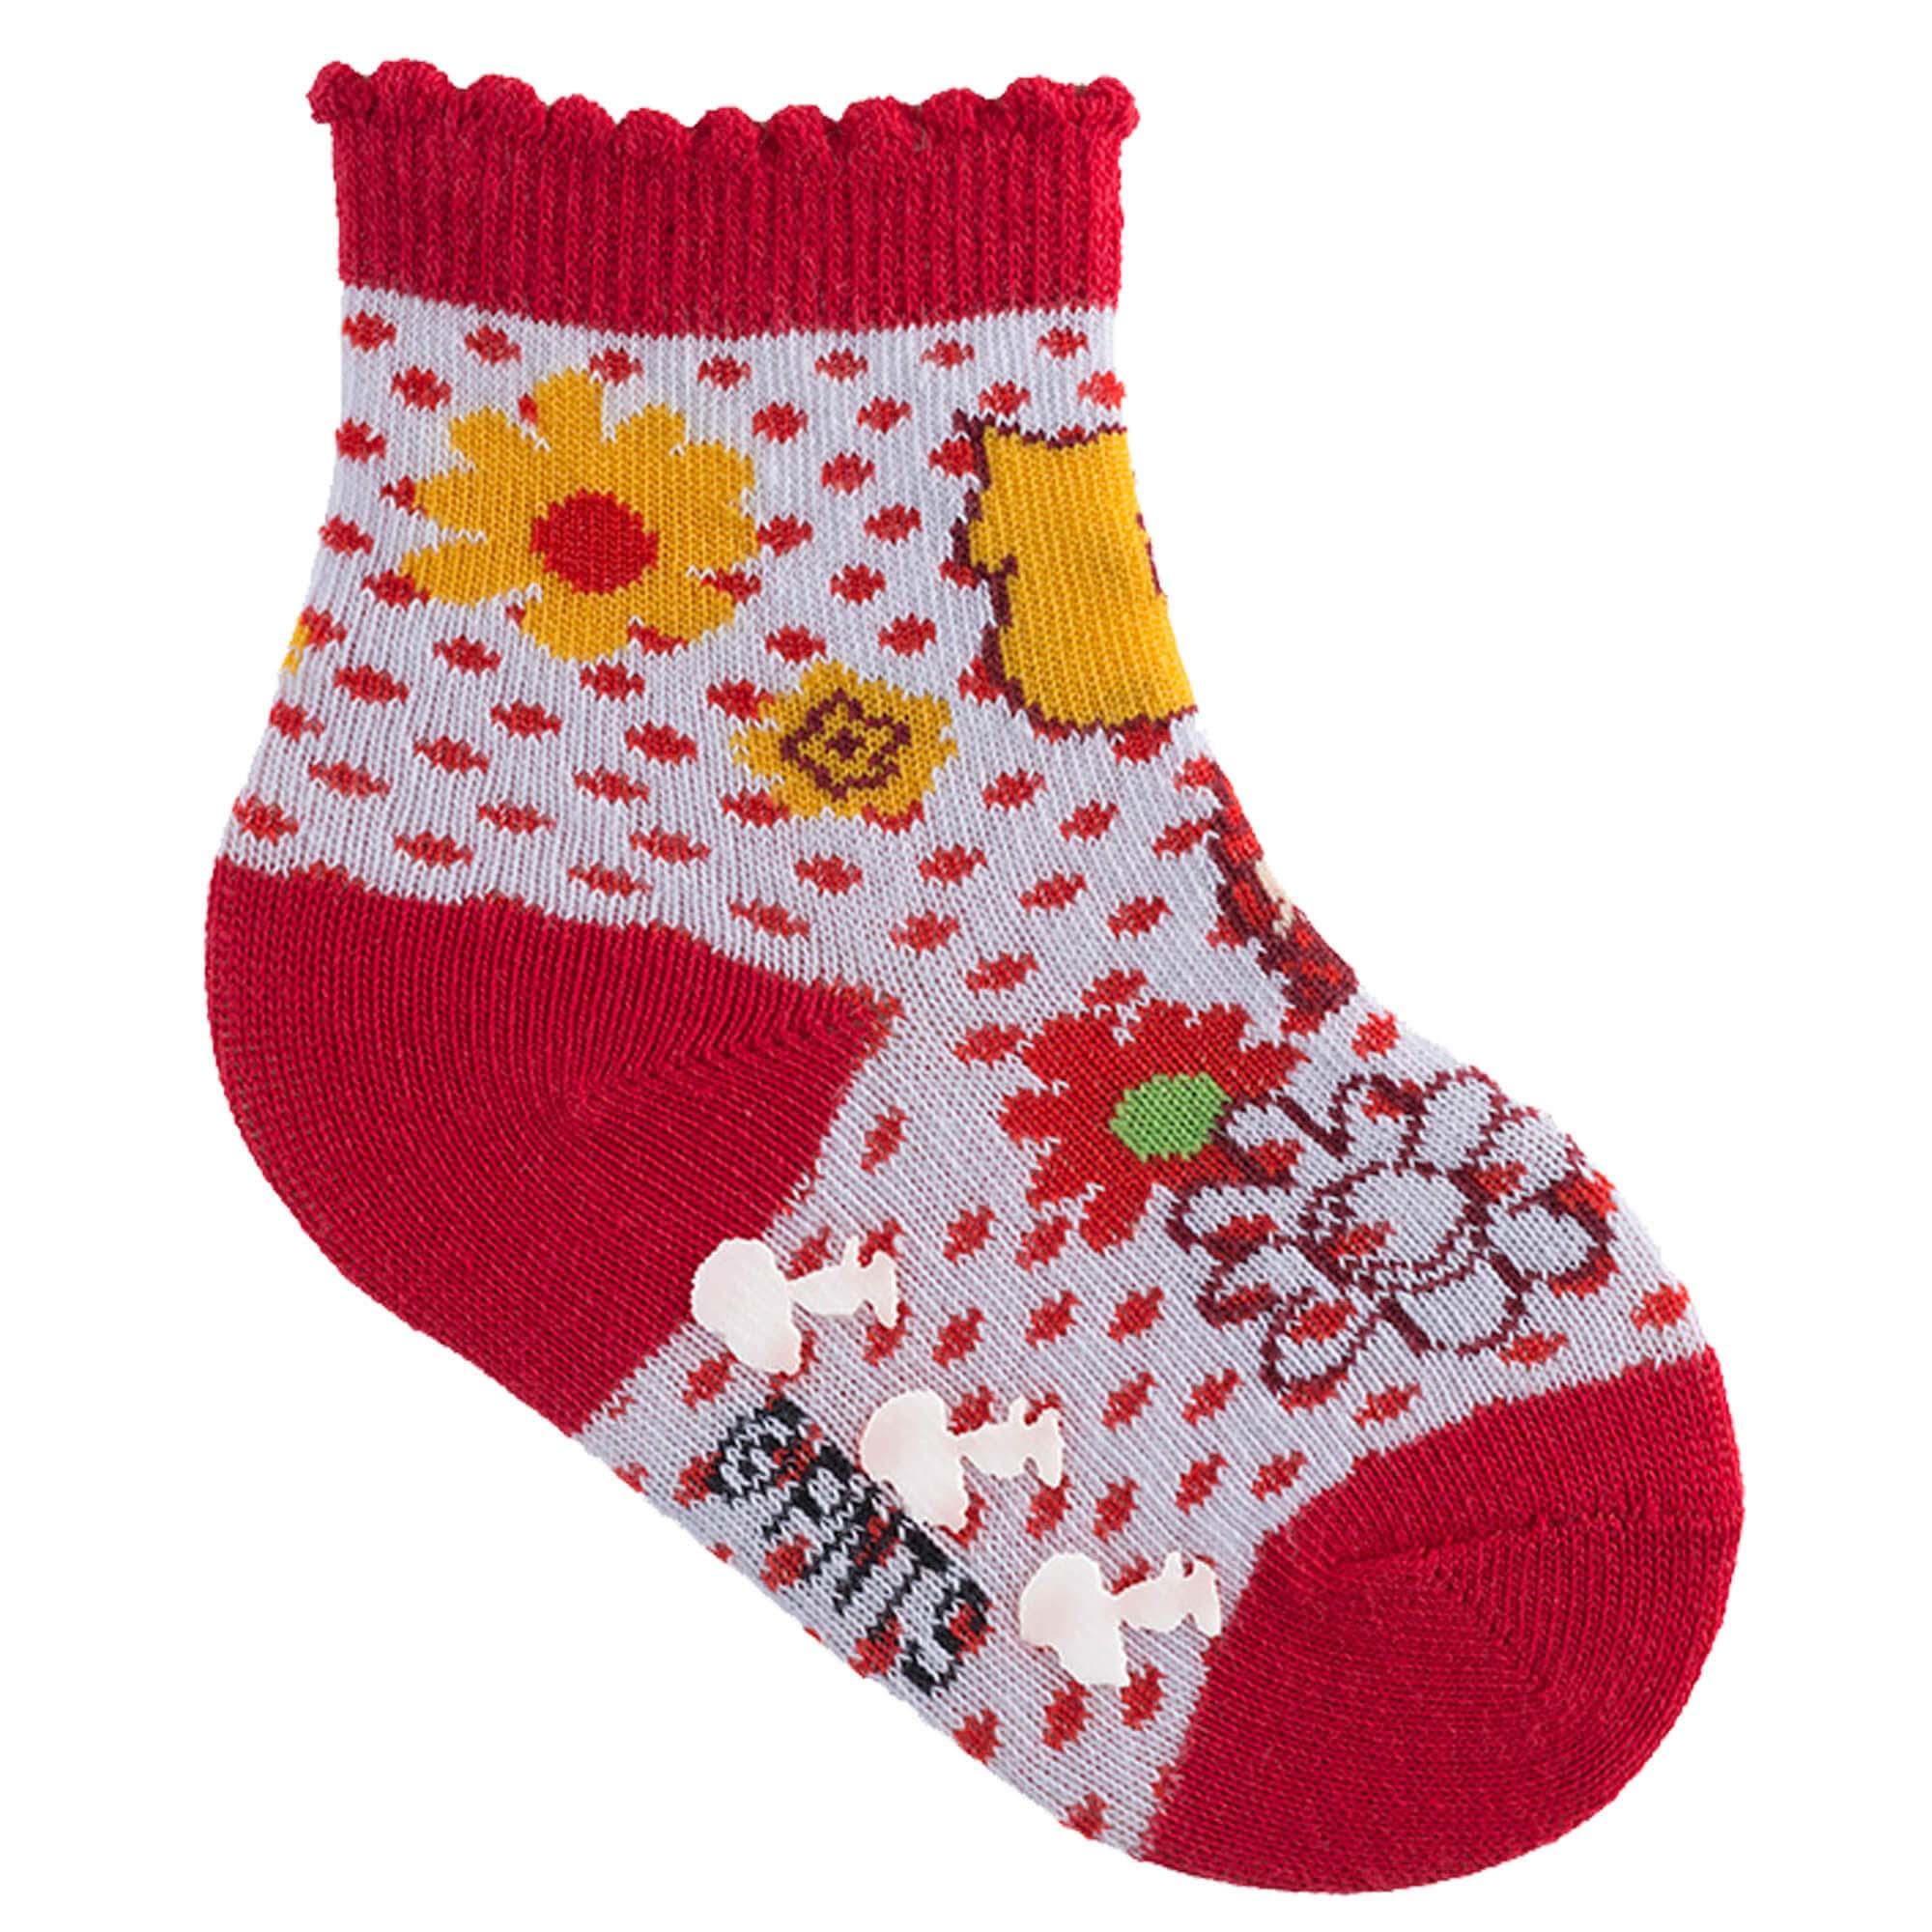 Meia Pimpolho Snoopy com Flores - Vermelha - 21 a 25